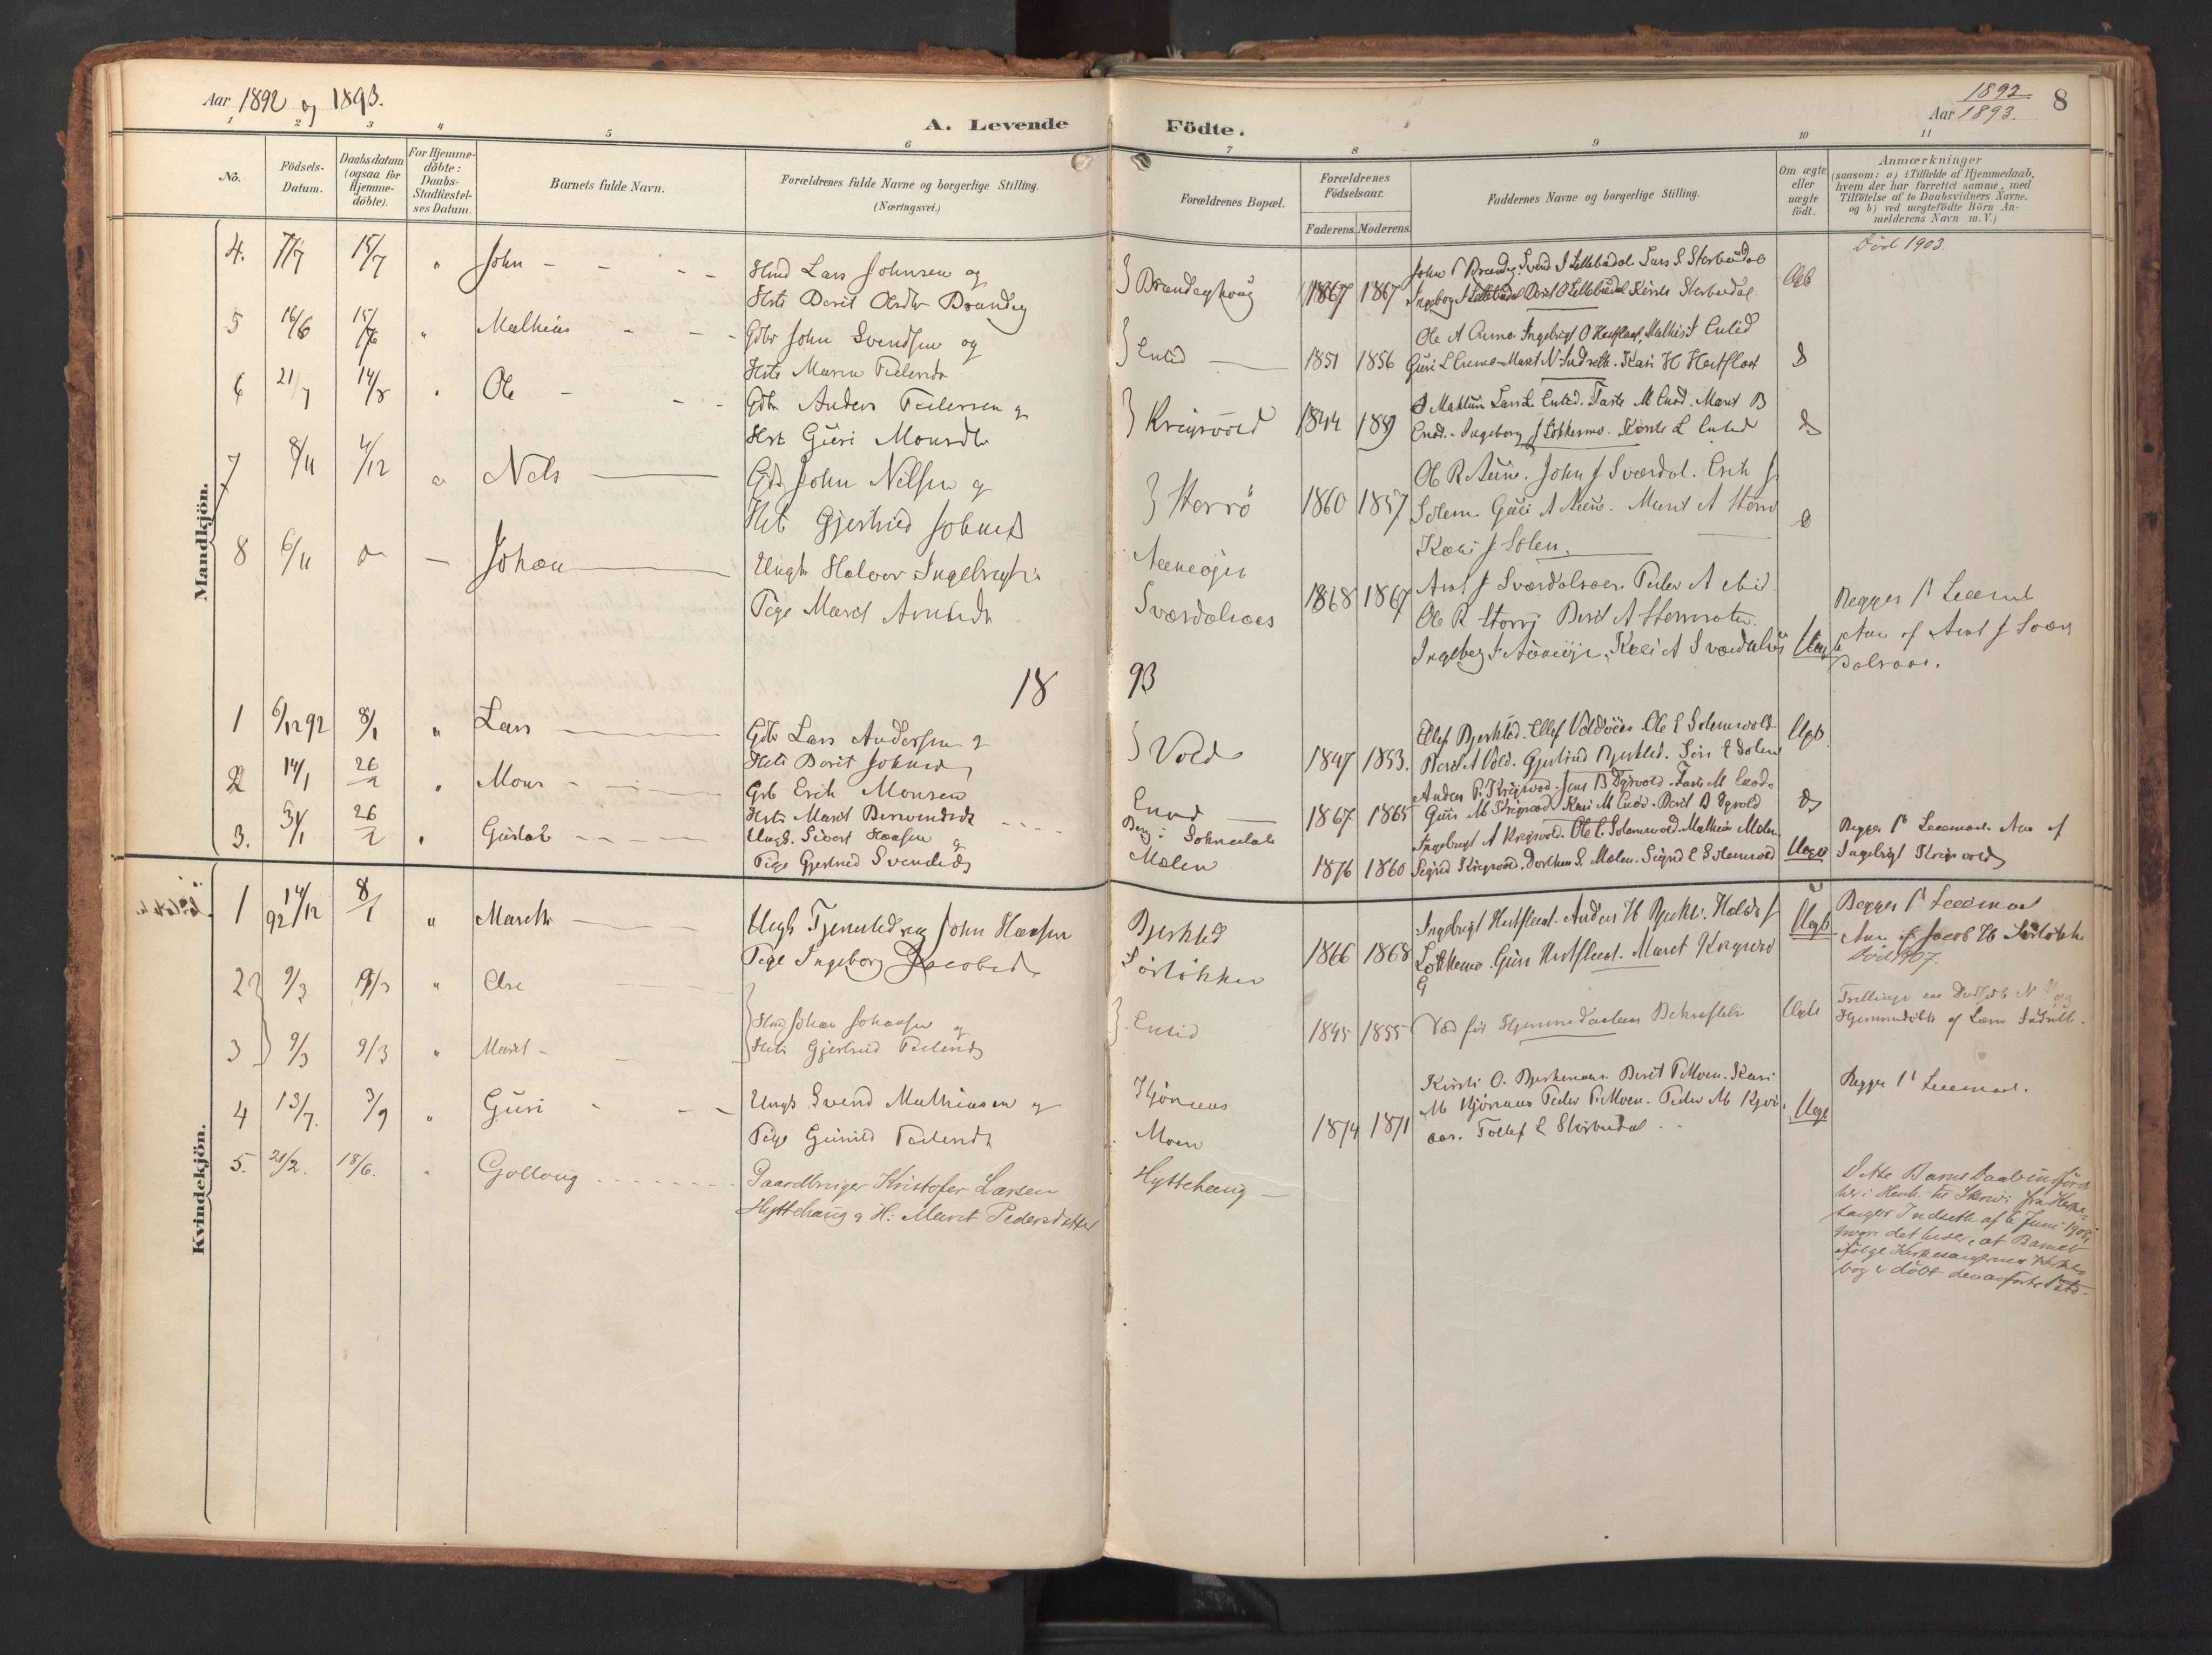 SAT, Ministerialprotokoller, klokkerbøker og fødselsregistre - Sør-Trøndelag, 690/L1050: Ministerialbok nr. 690A01, 1889-1929, s. 8